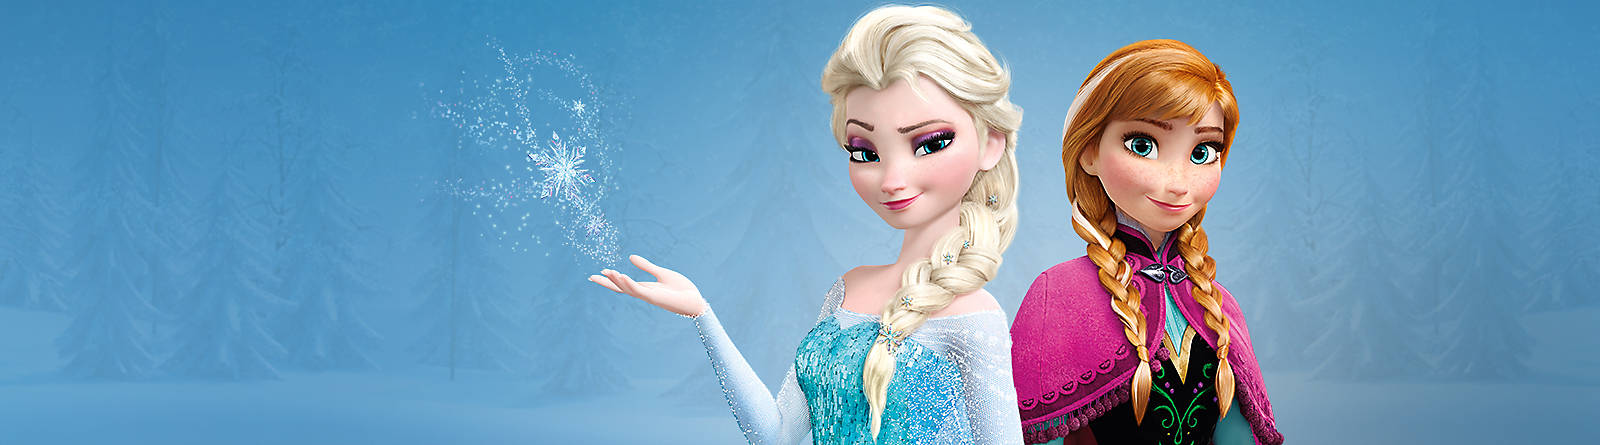 Frozen Descubre los diferentes productos que tenemos de todos los personajes de 'Frozen'. Contágiate de toda la magia.